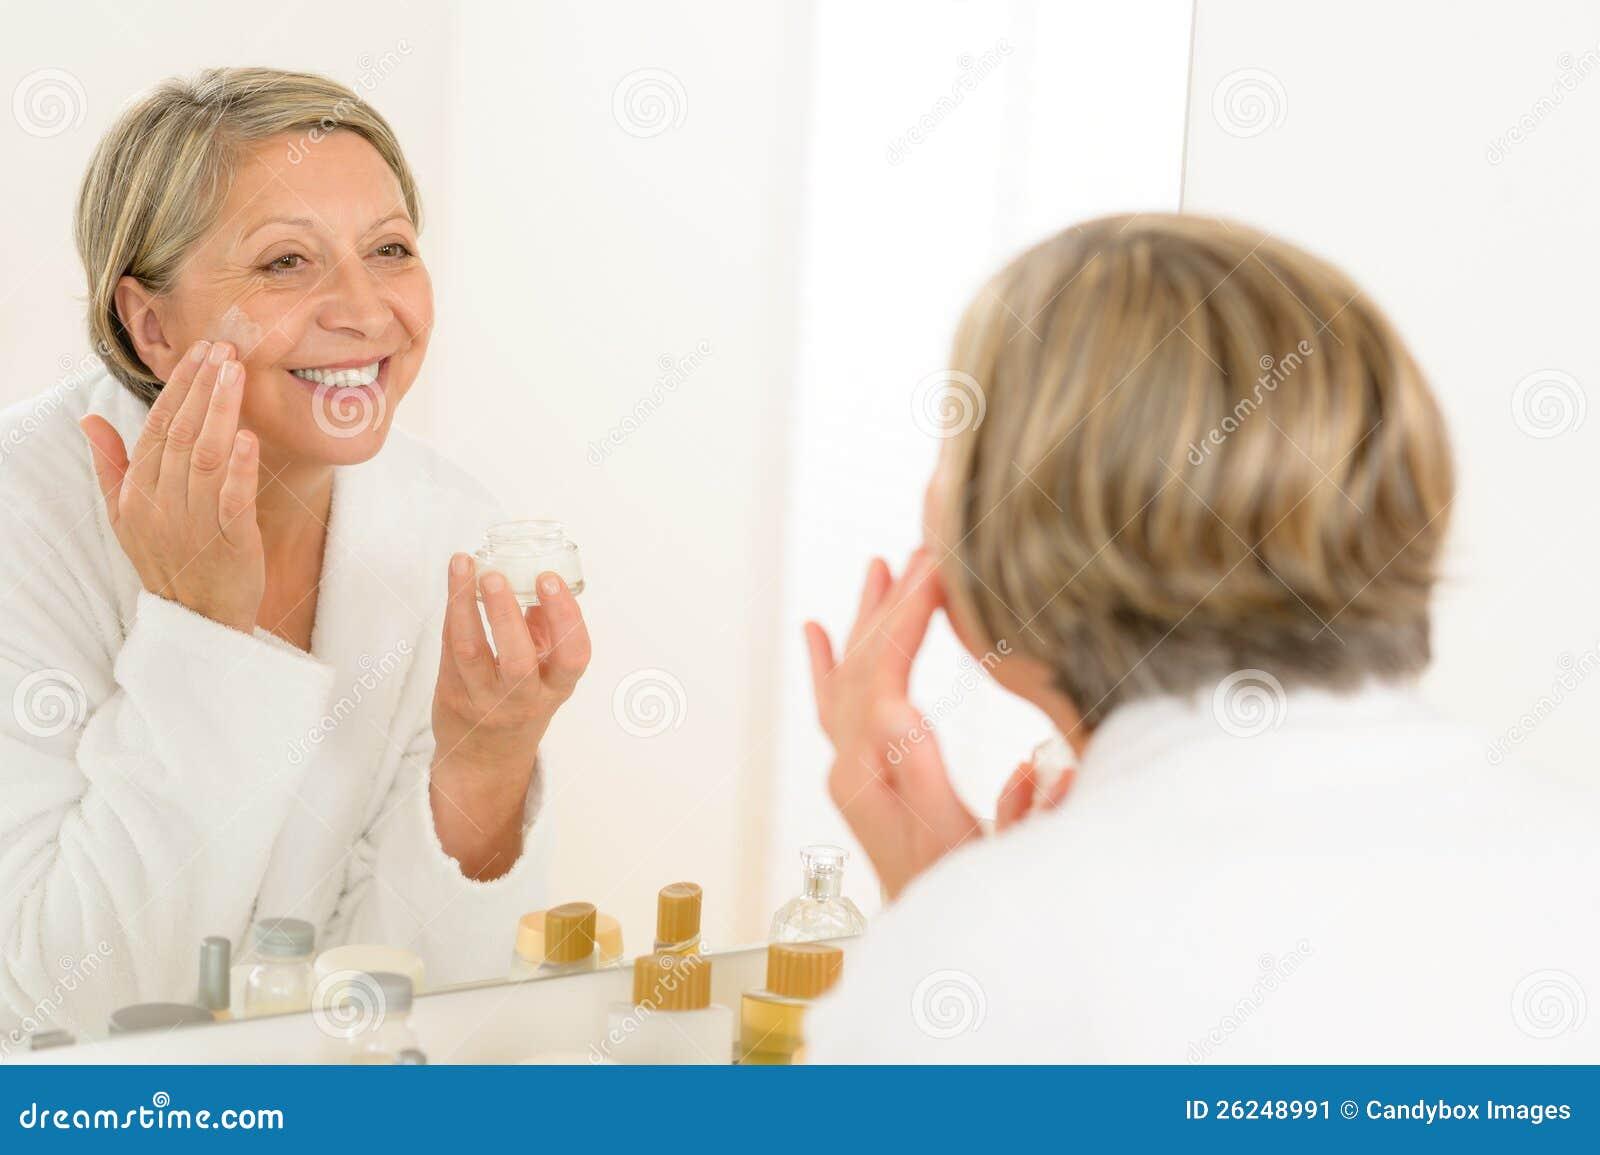 Figa di donna matura - Inculata in bagno ...